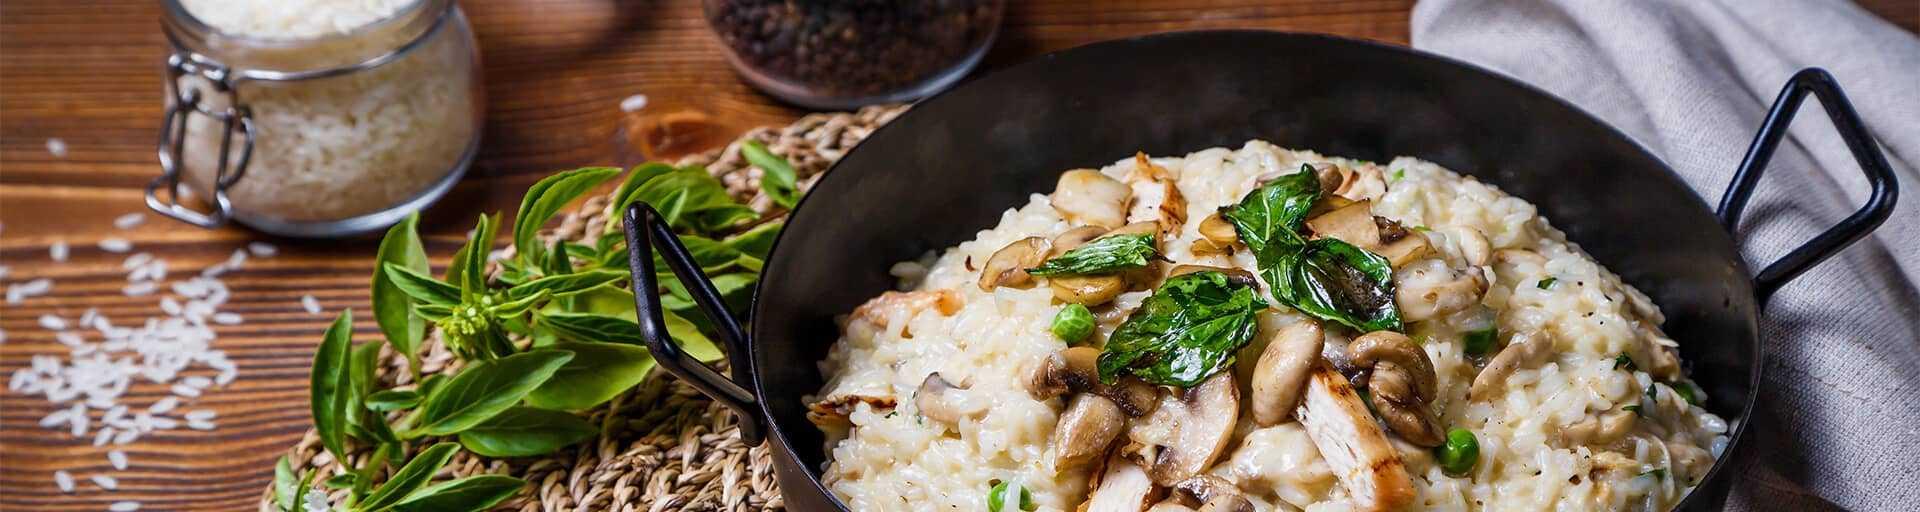 Ризотто с грибами — 7 домашних рецептов